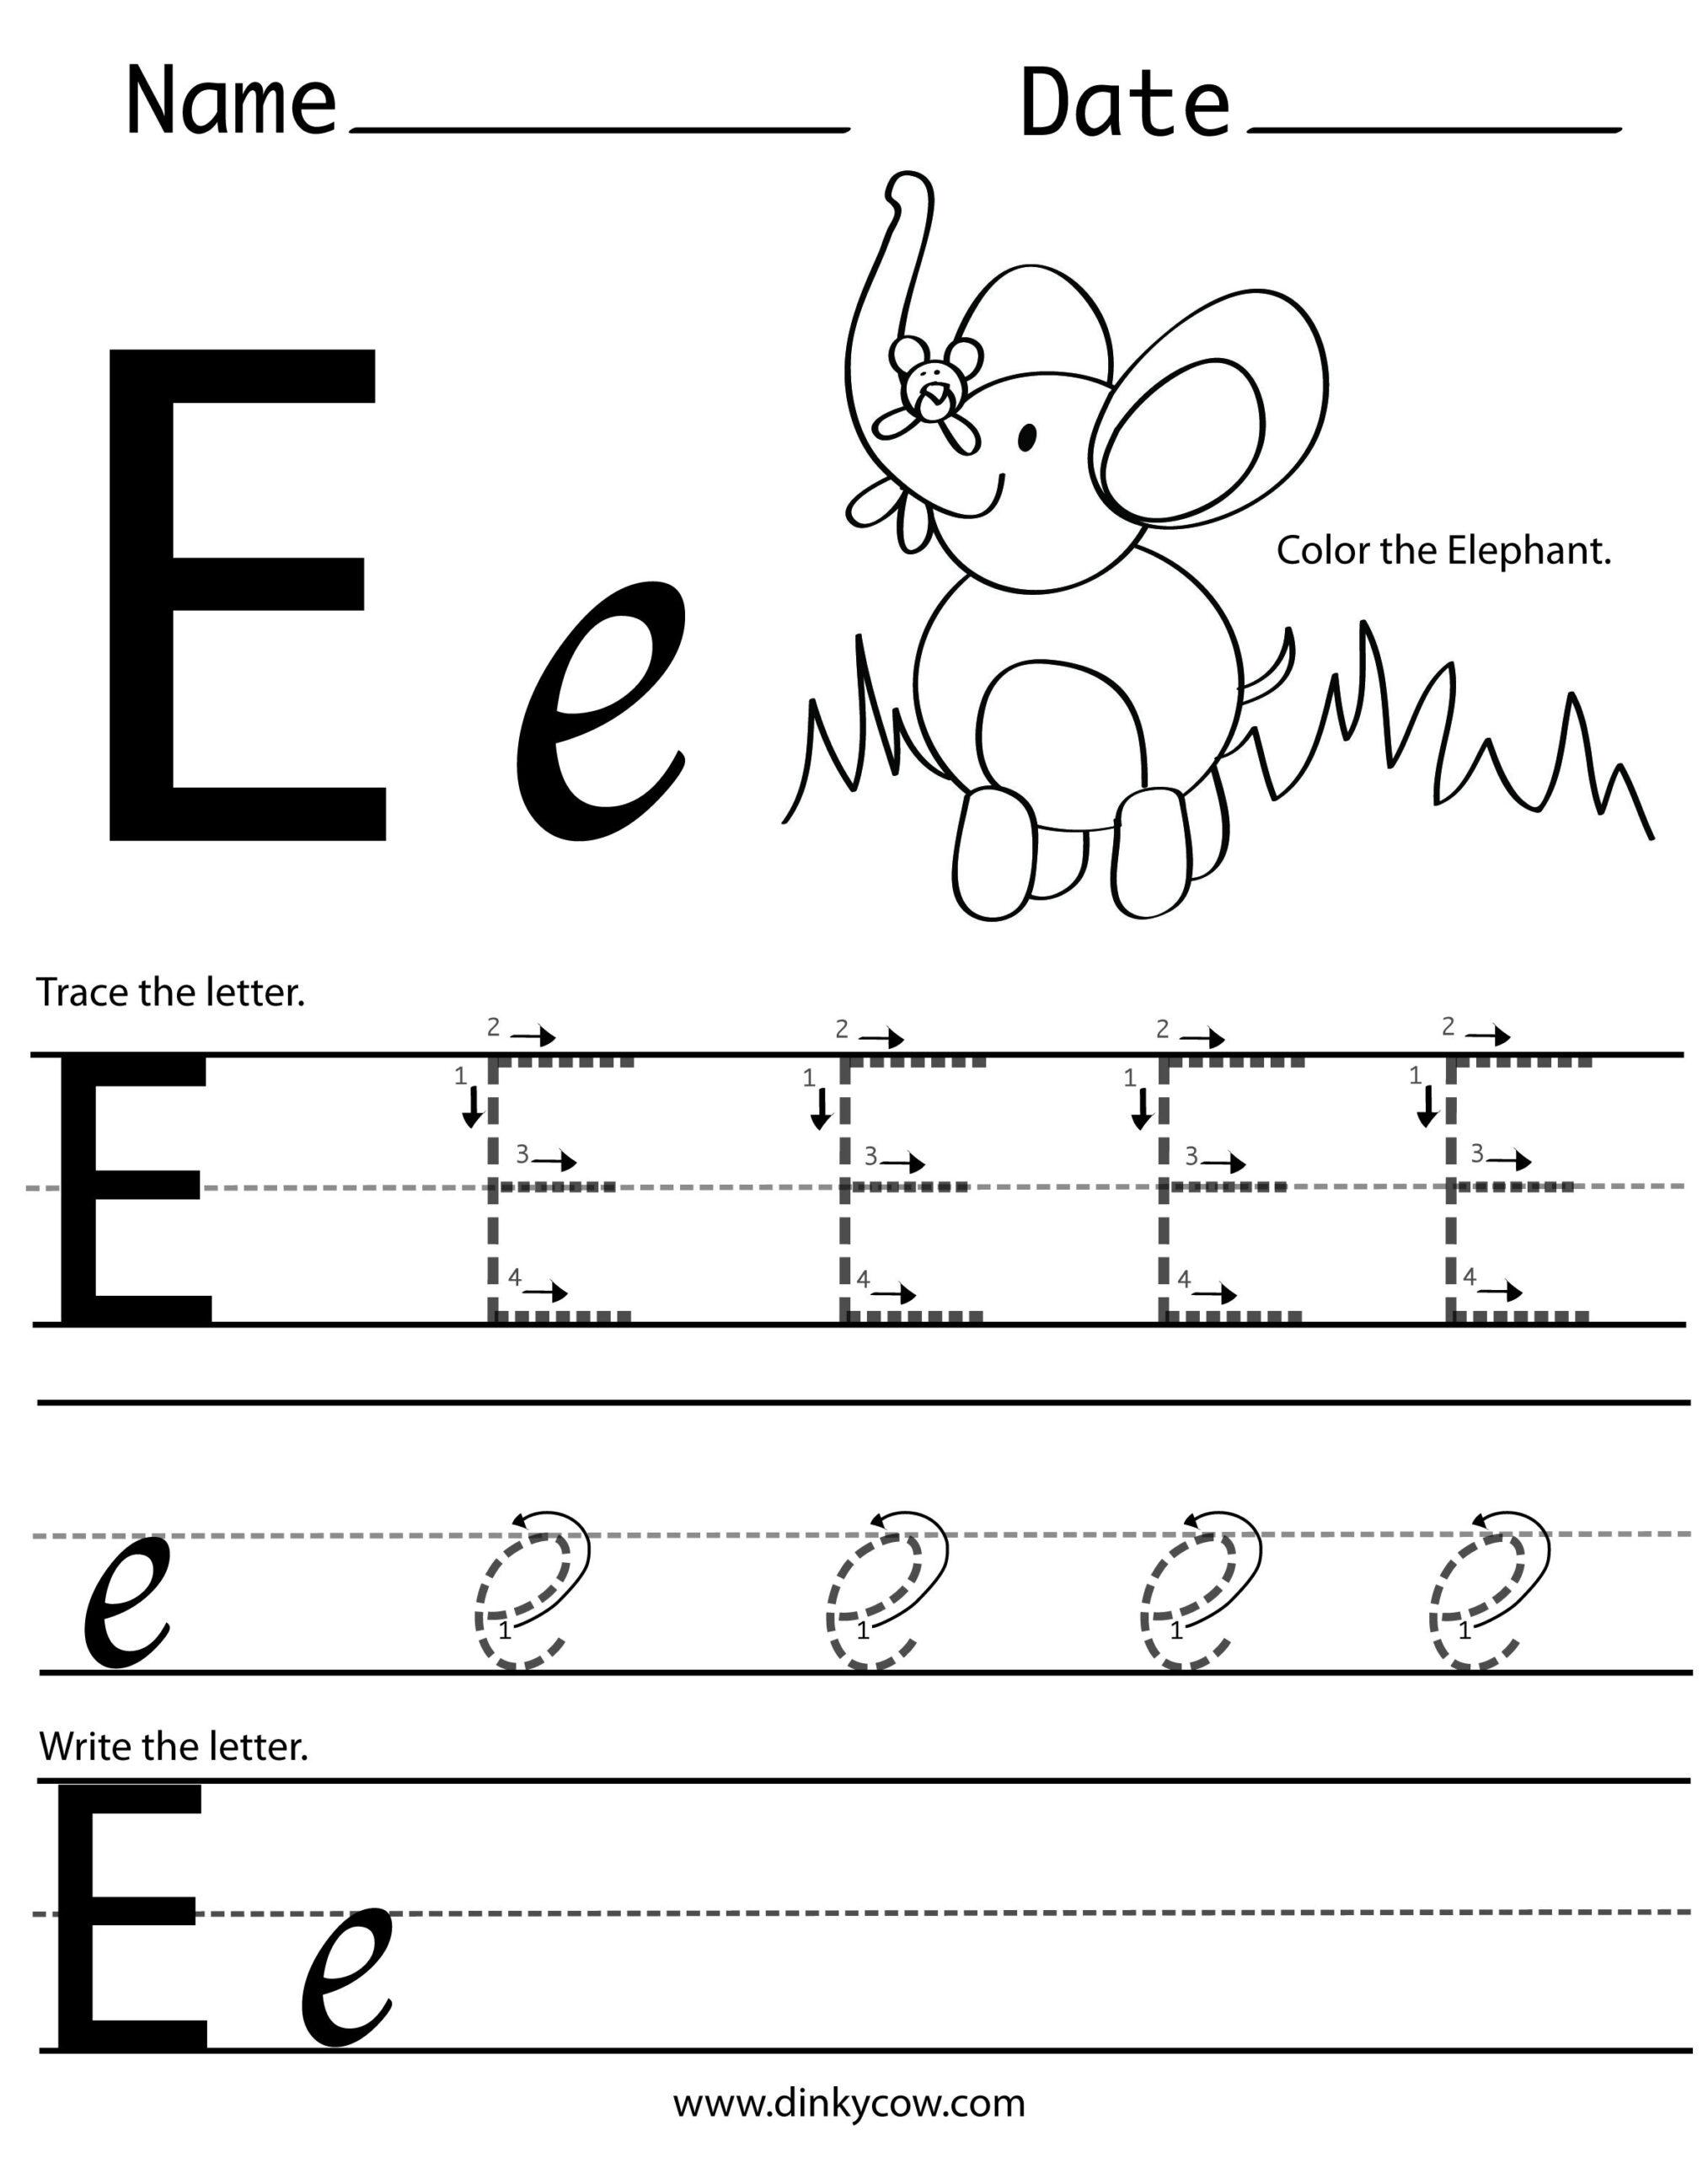 Best Of Preschool Letter E Worksheet | Educational Worksheet for Letter E Worksheets Free